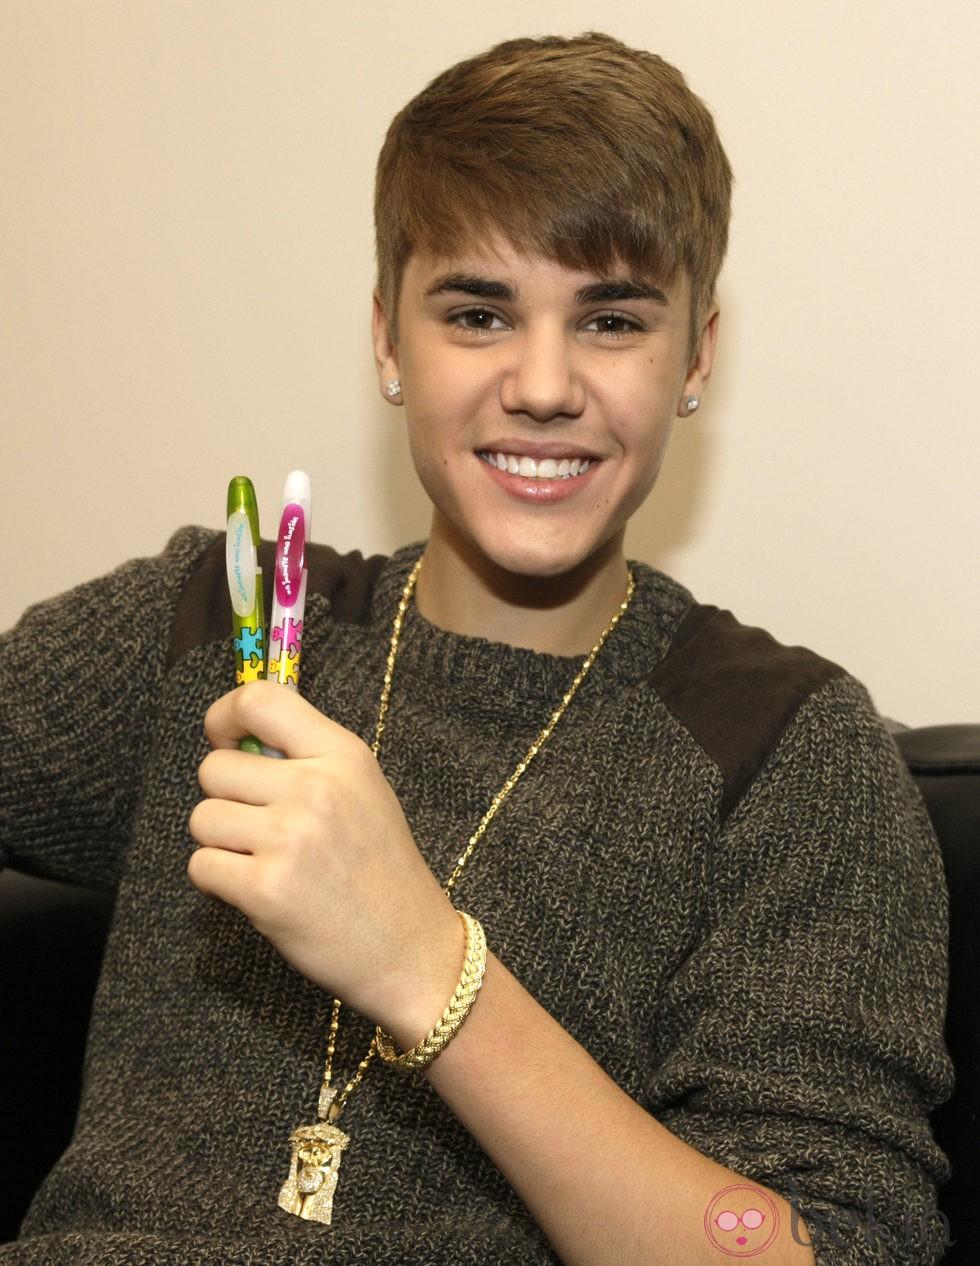 Justin Bieber en la campaña 'Un juguete, una ilusión'